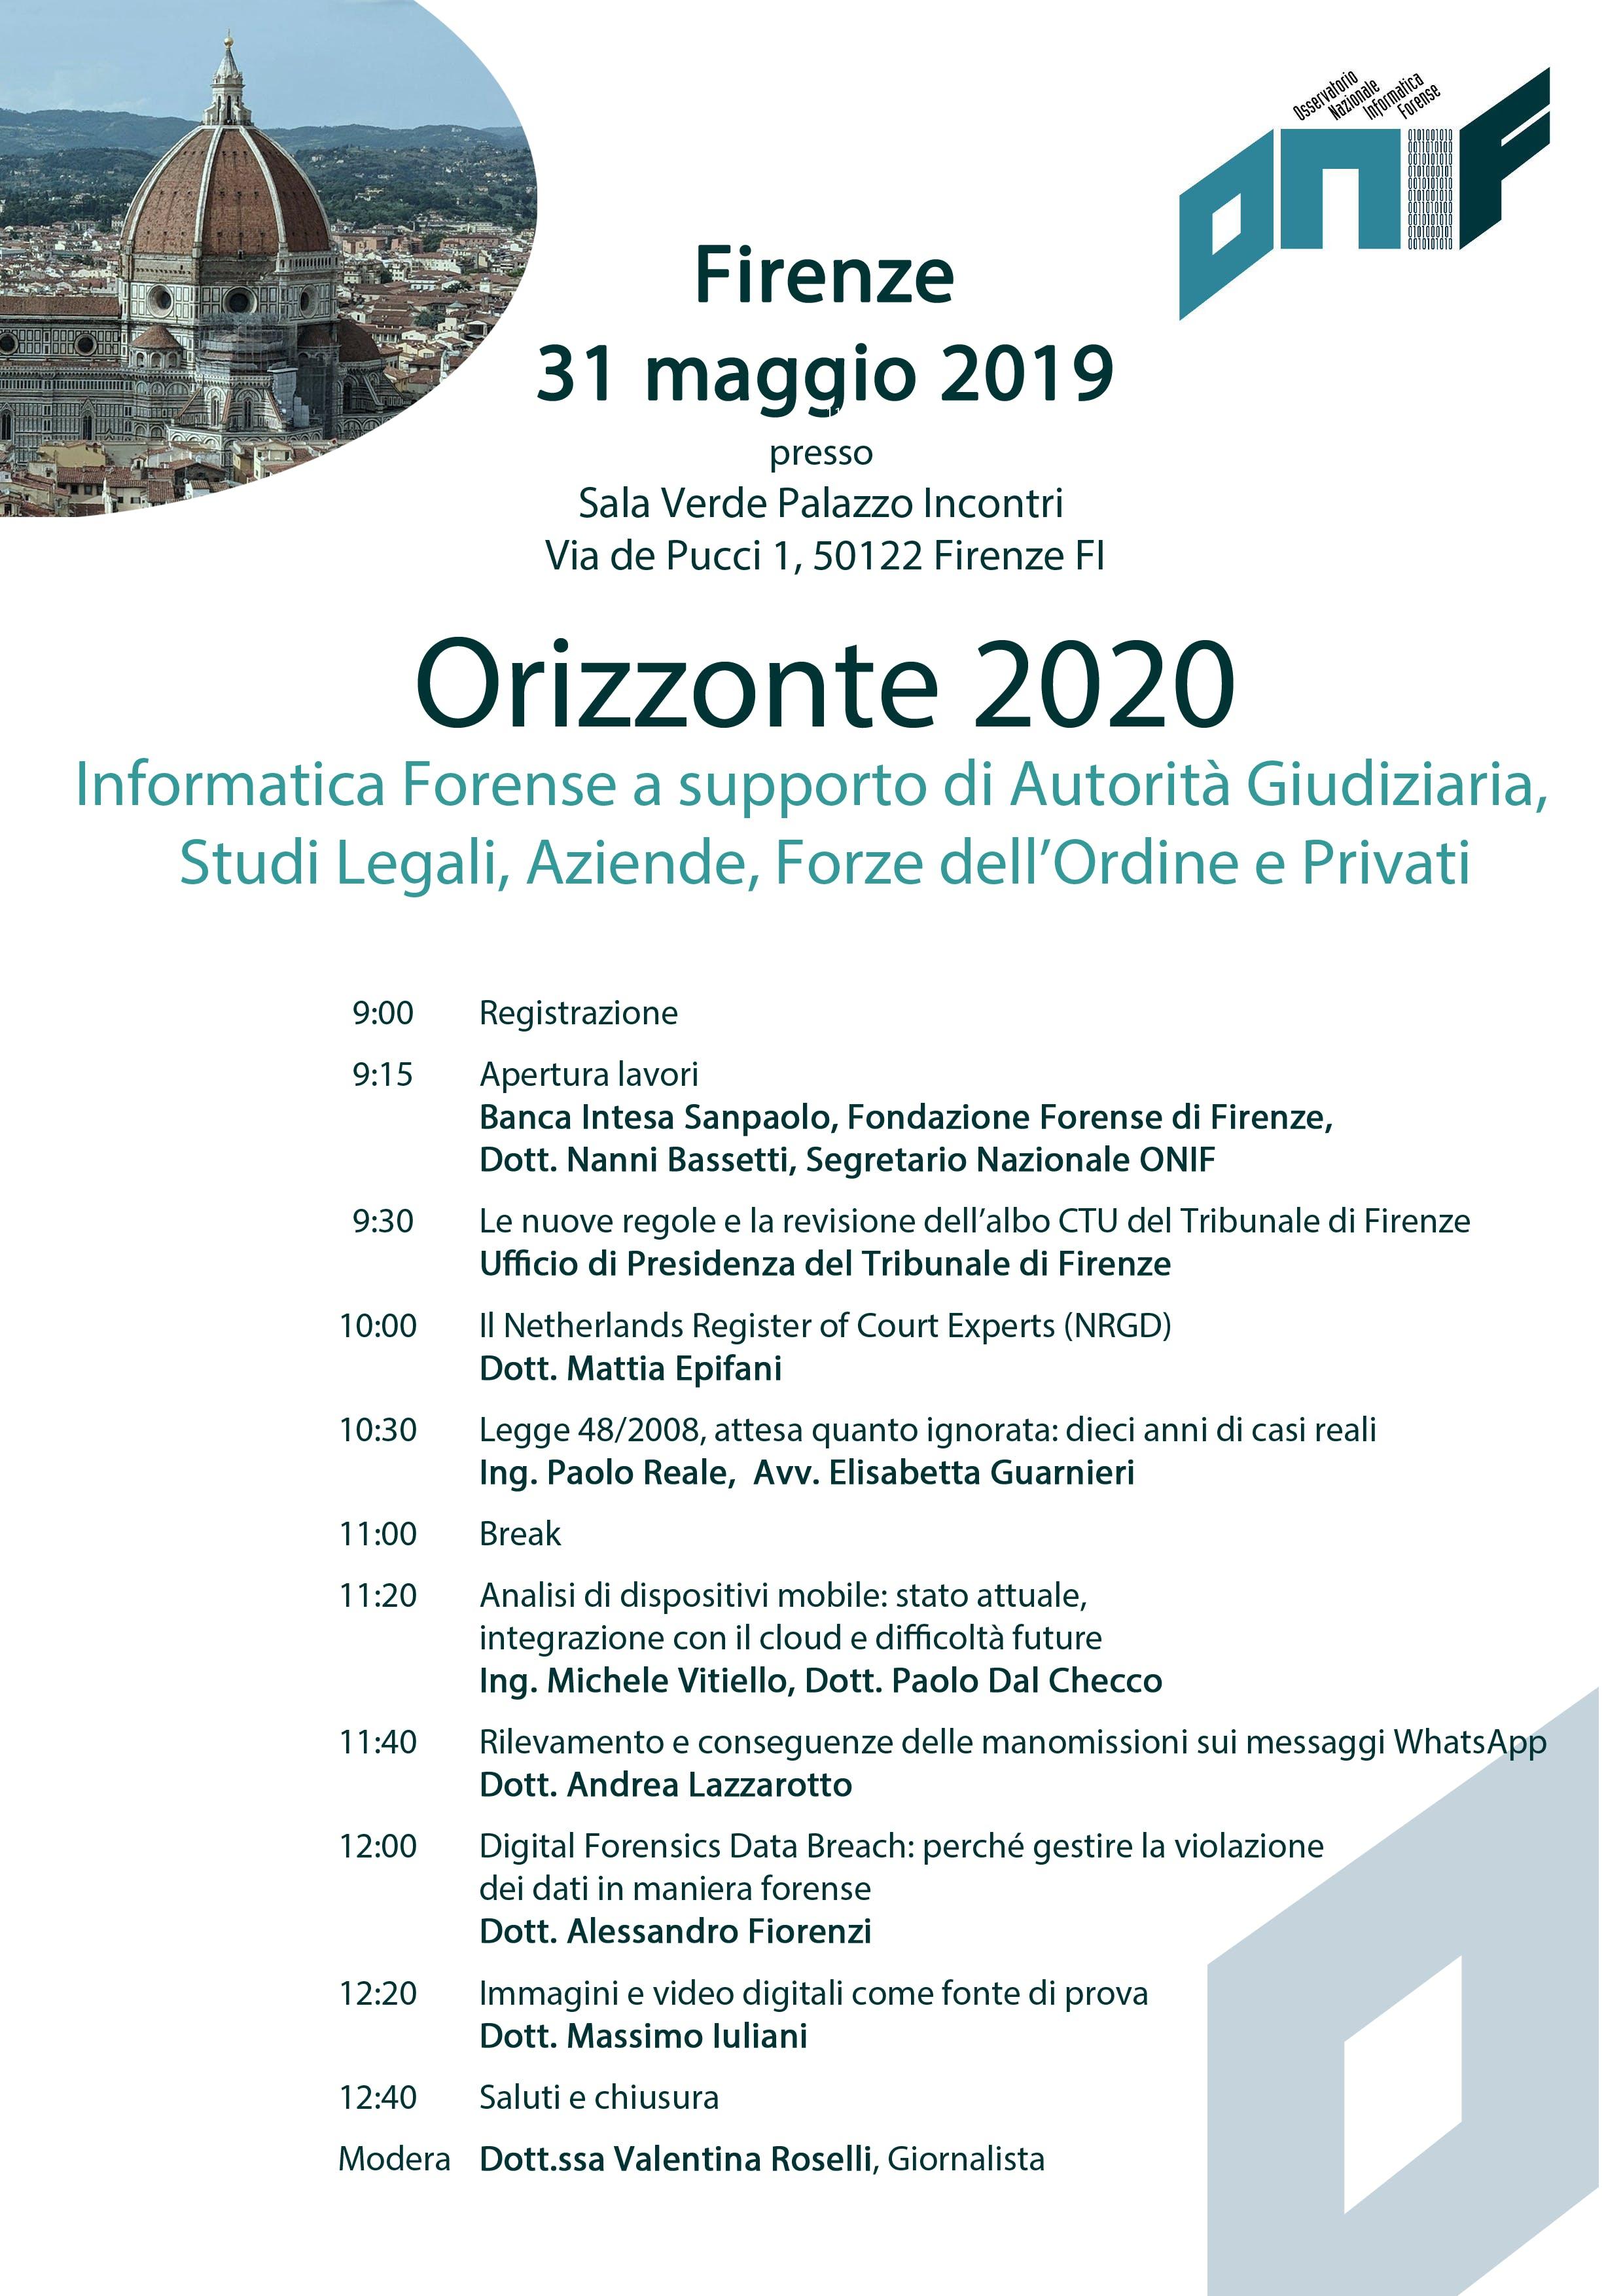 Calendario Fiere Toscana 2020.Eventi Fiere Il 31 Maggio 2019 Scandicci Virgilio